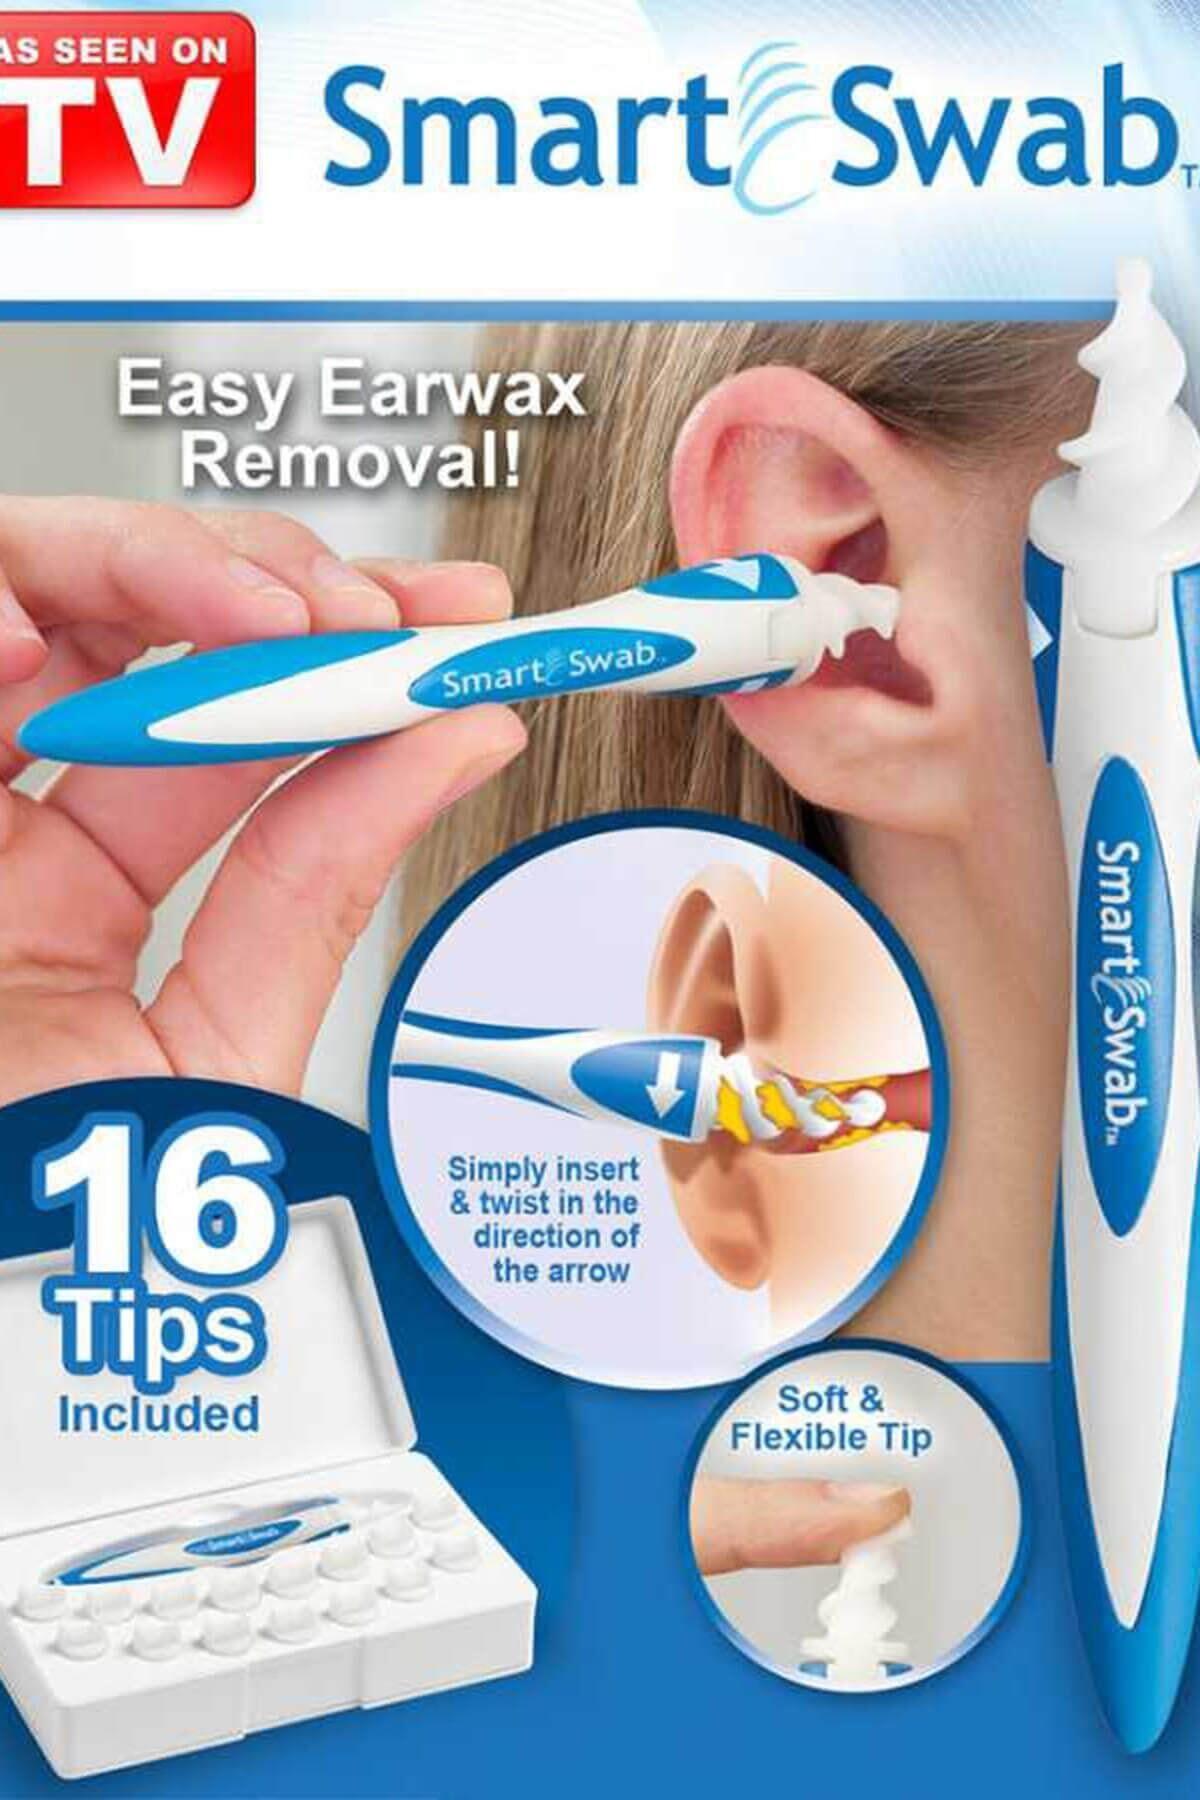 Практичный набор для чистки ушей, носа, горла, ушей, ушей, устройства для чистки ушей